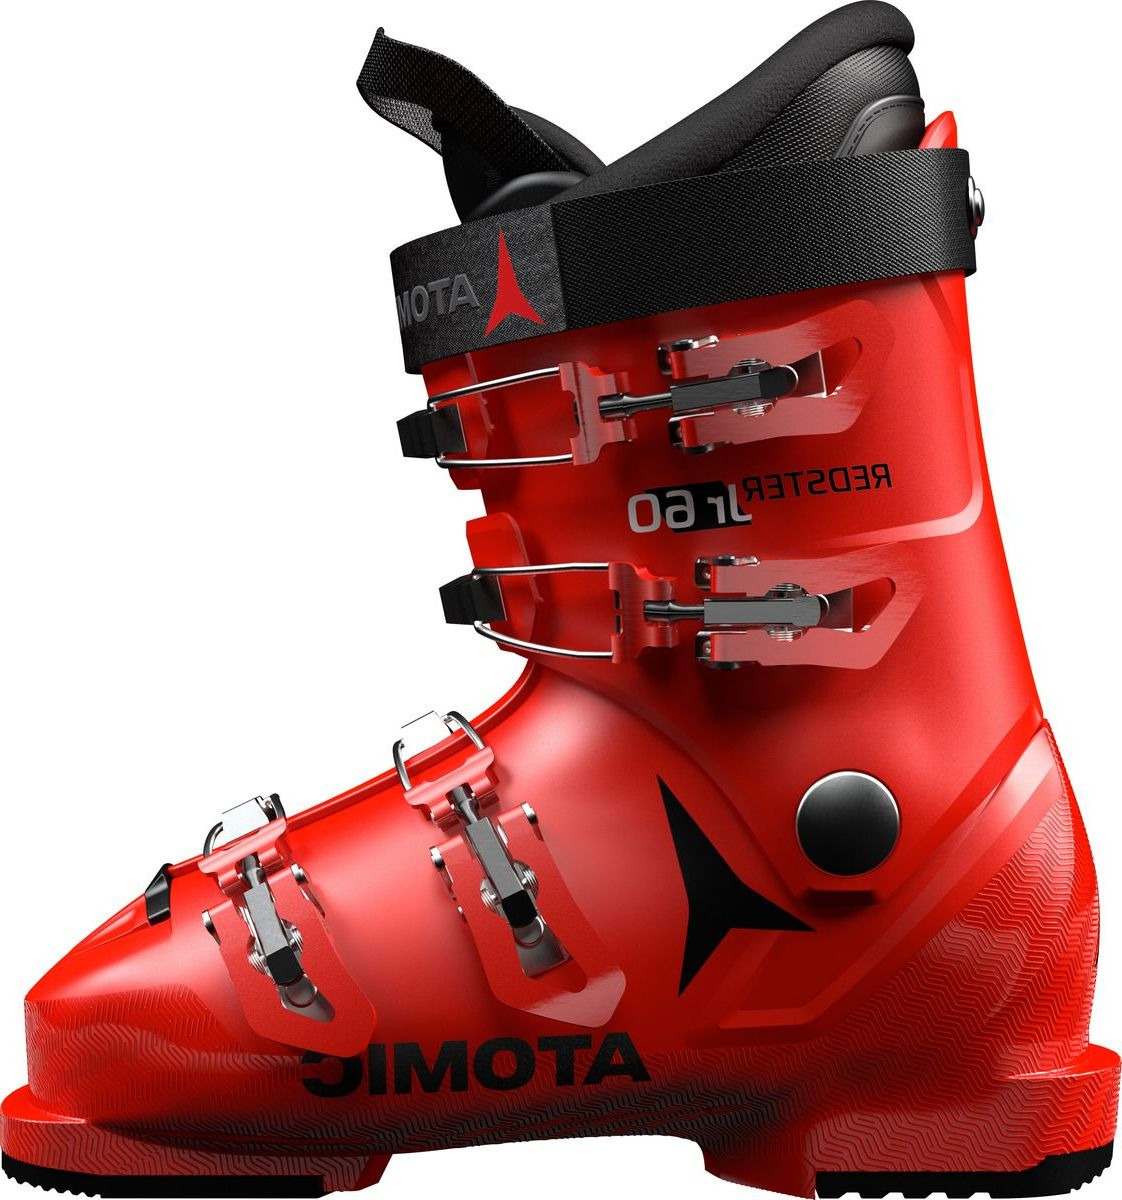 Ботинки горнолыжные Atomic Redster Jr 60, цвет: красный, черный. Размер 29,5/31